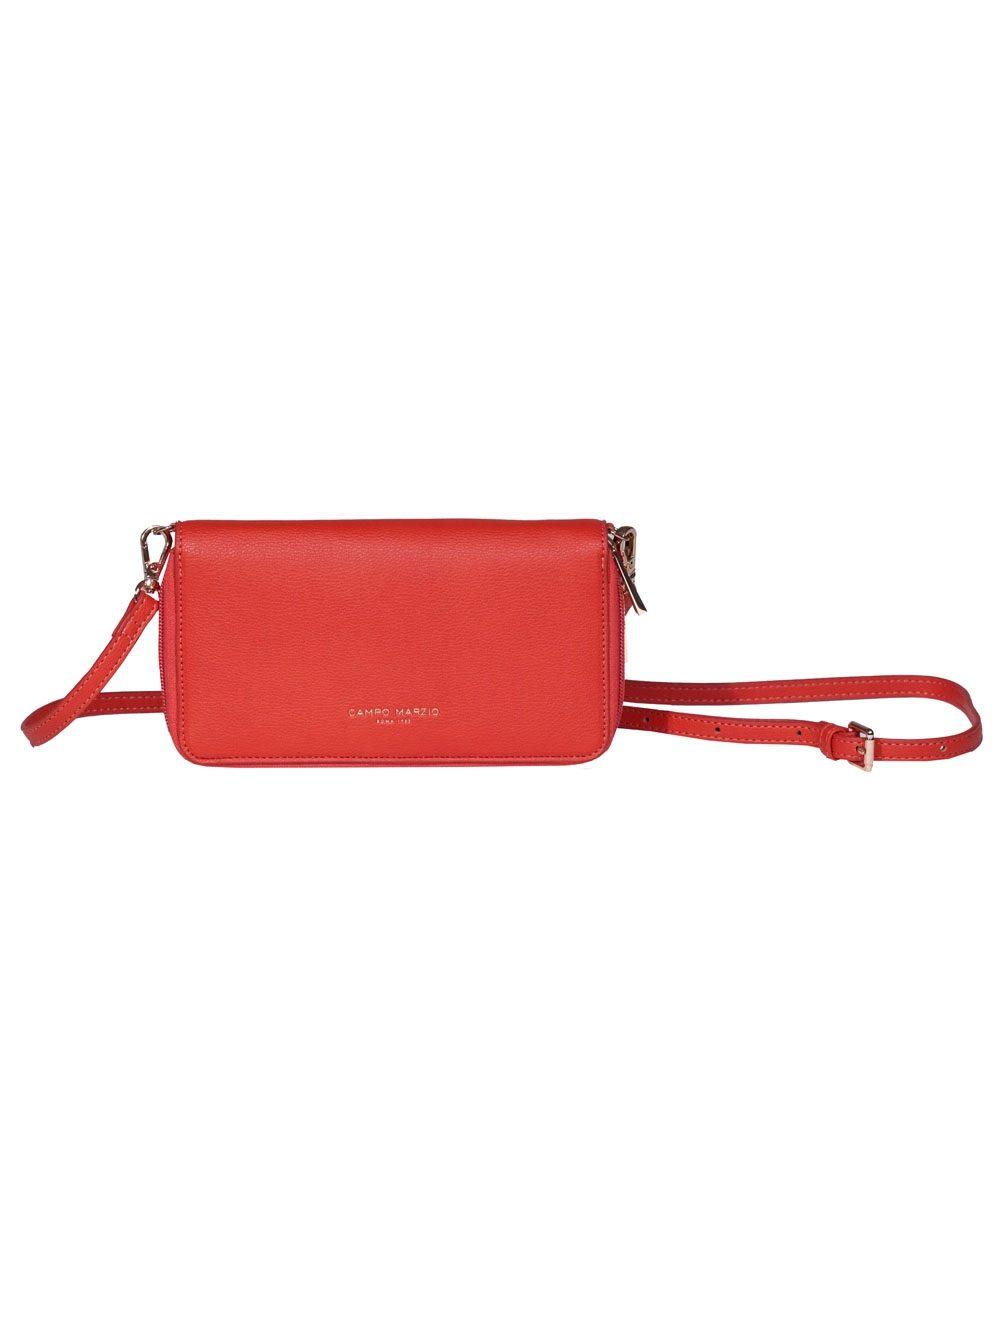 Charlotte Wallet Bag - Flame Scarlet